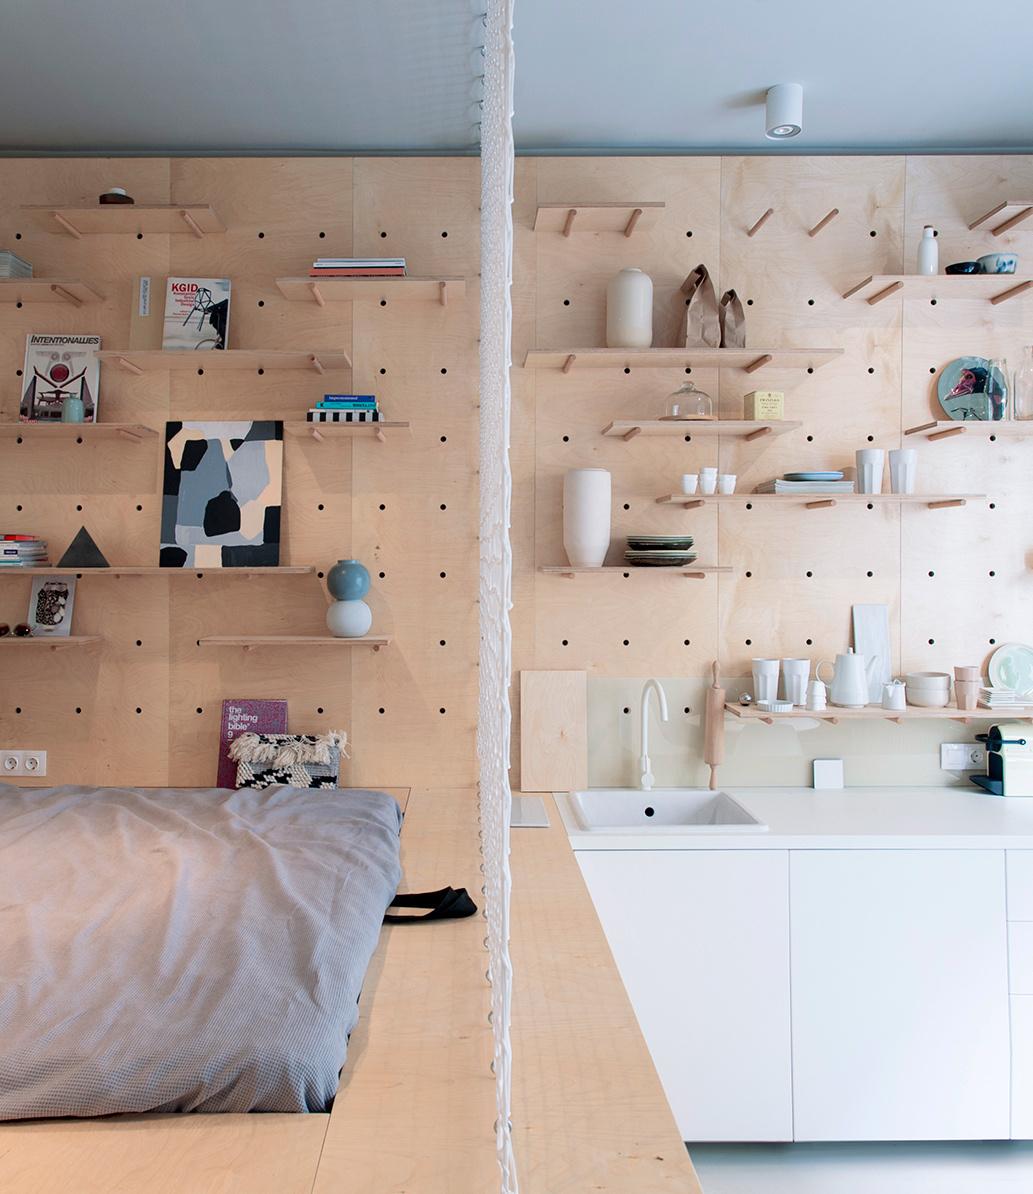 studio 30m2 budapest chambre cuisine mur rangement contreplaque déco poudrée